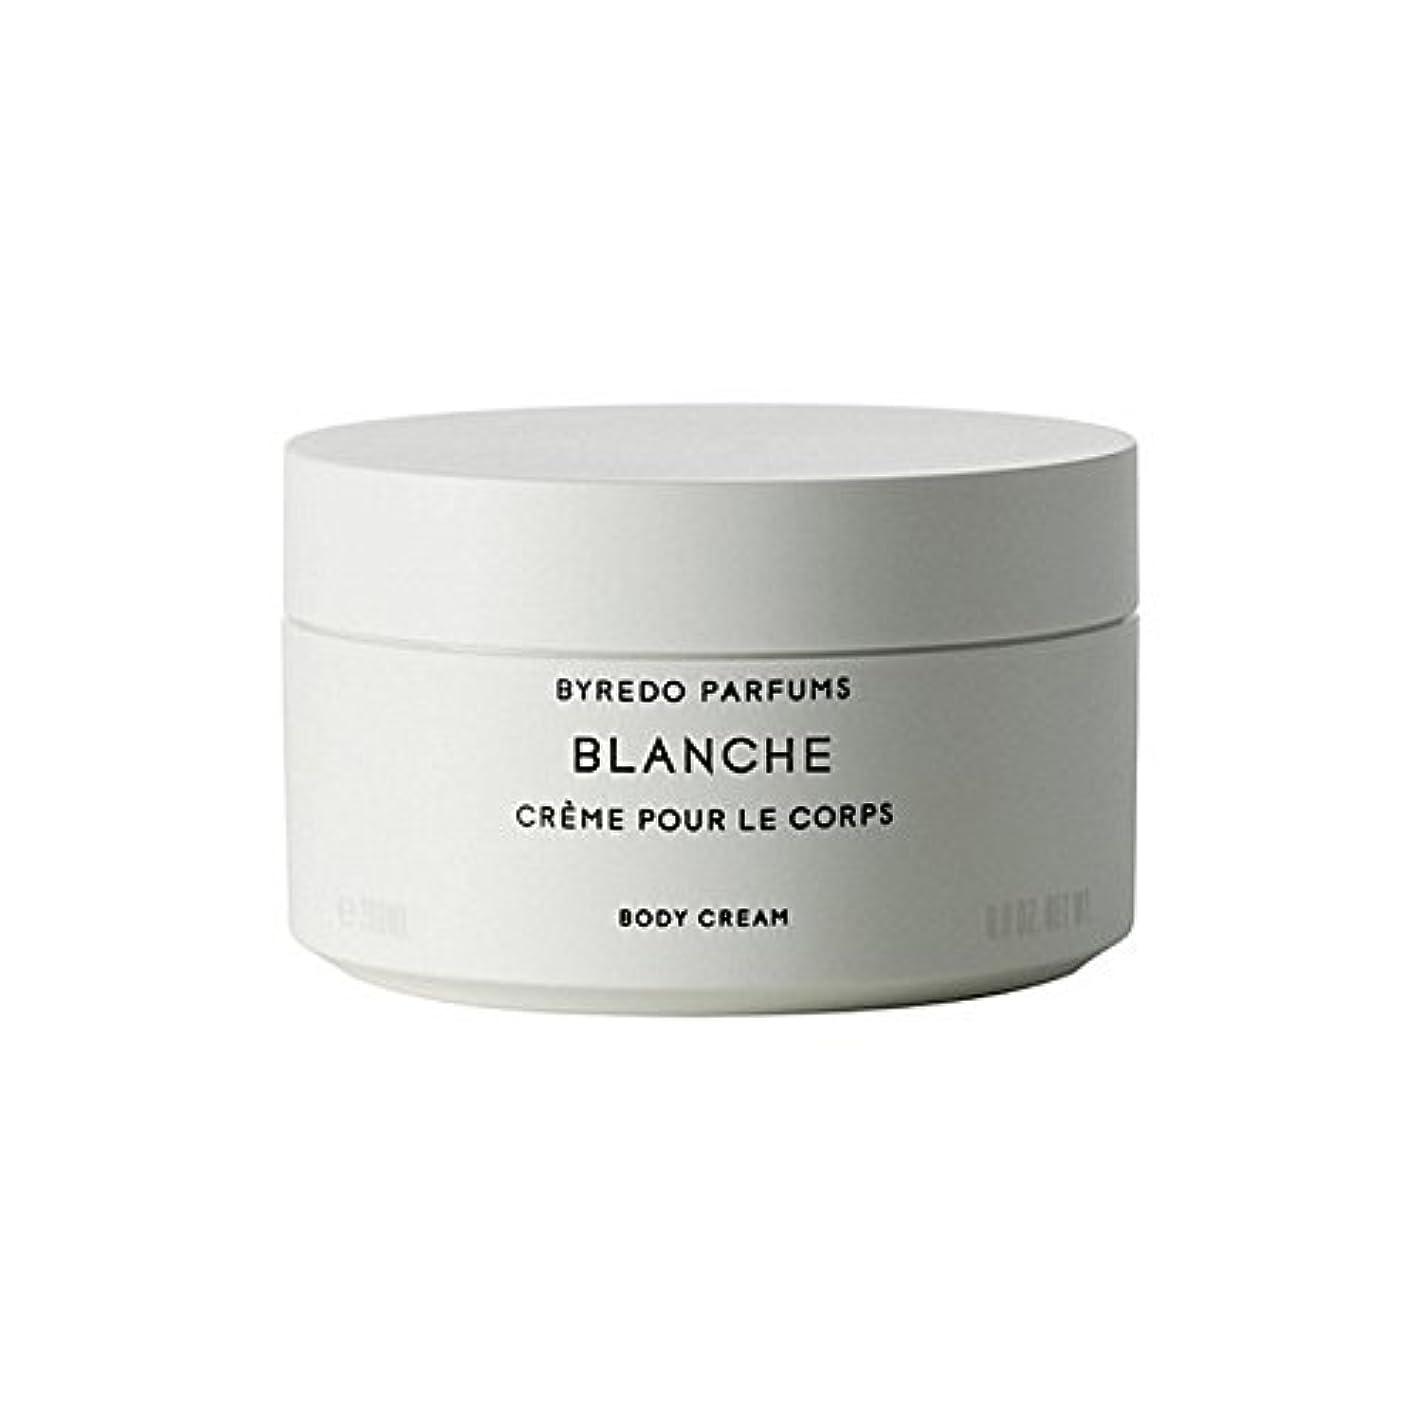 刈り取る大通り資金Byredo Blanche Body Cream 200ml - ブランシュボディクリーム200ミリリットル [並行輸入品]